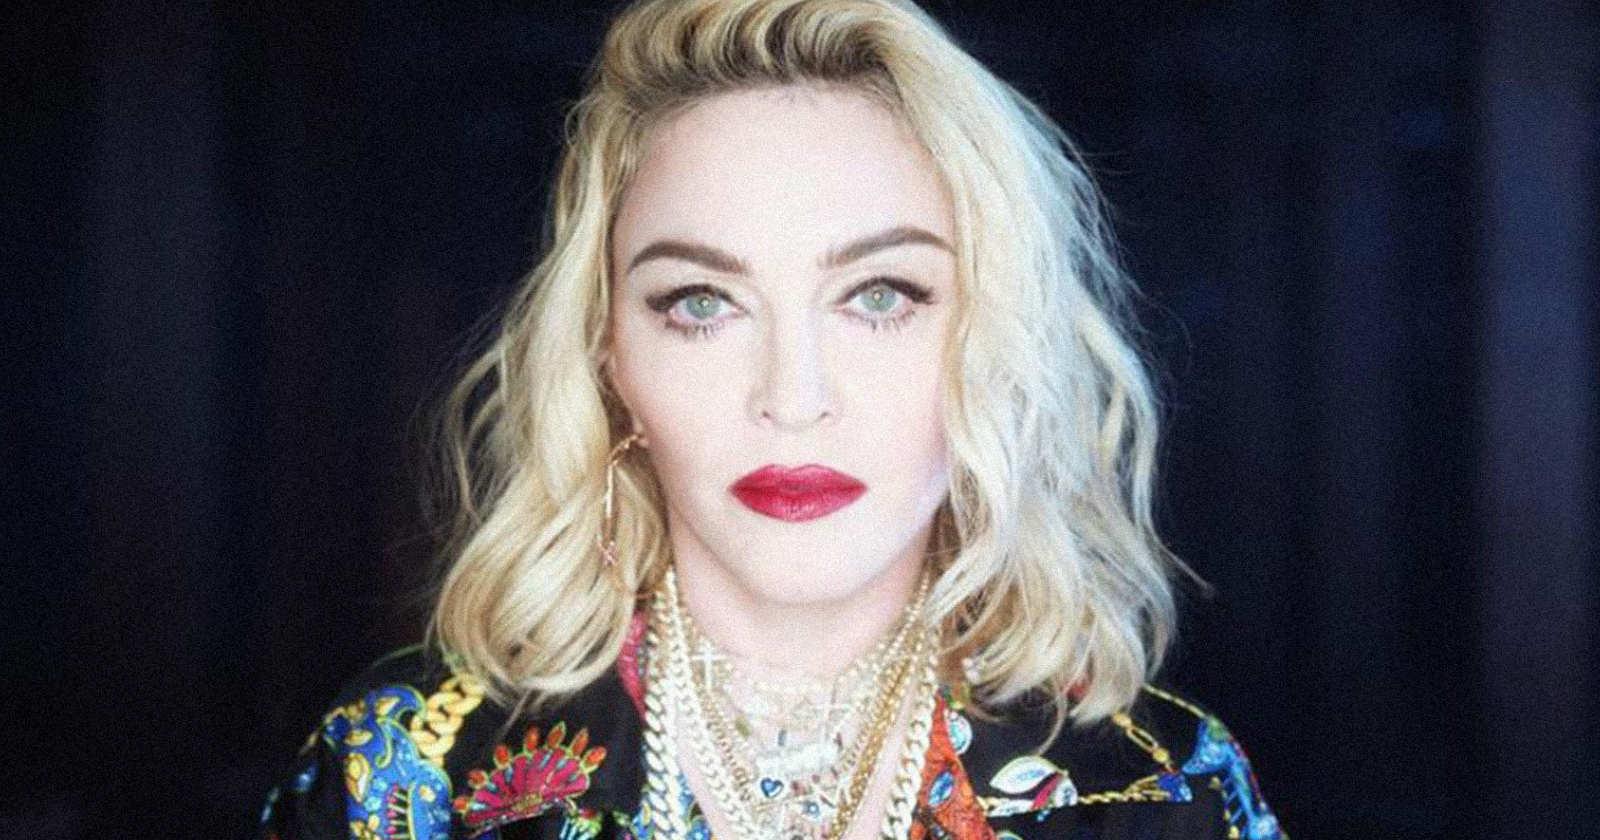 Quién es la actriz que busca interpretar a Madonna en su nueva película biográfica